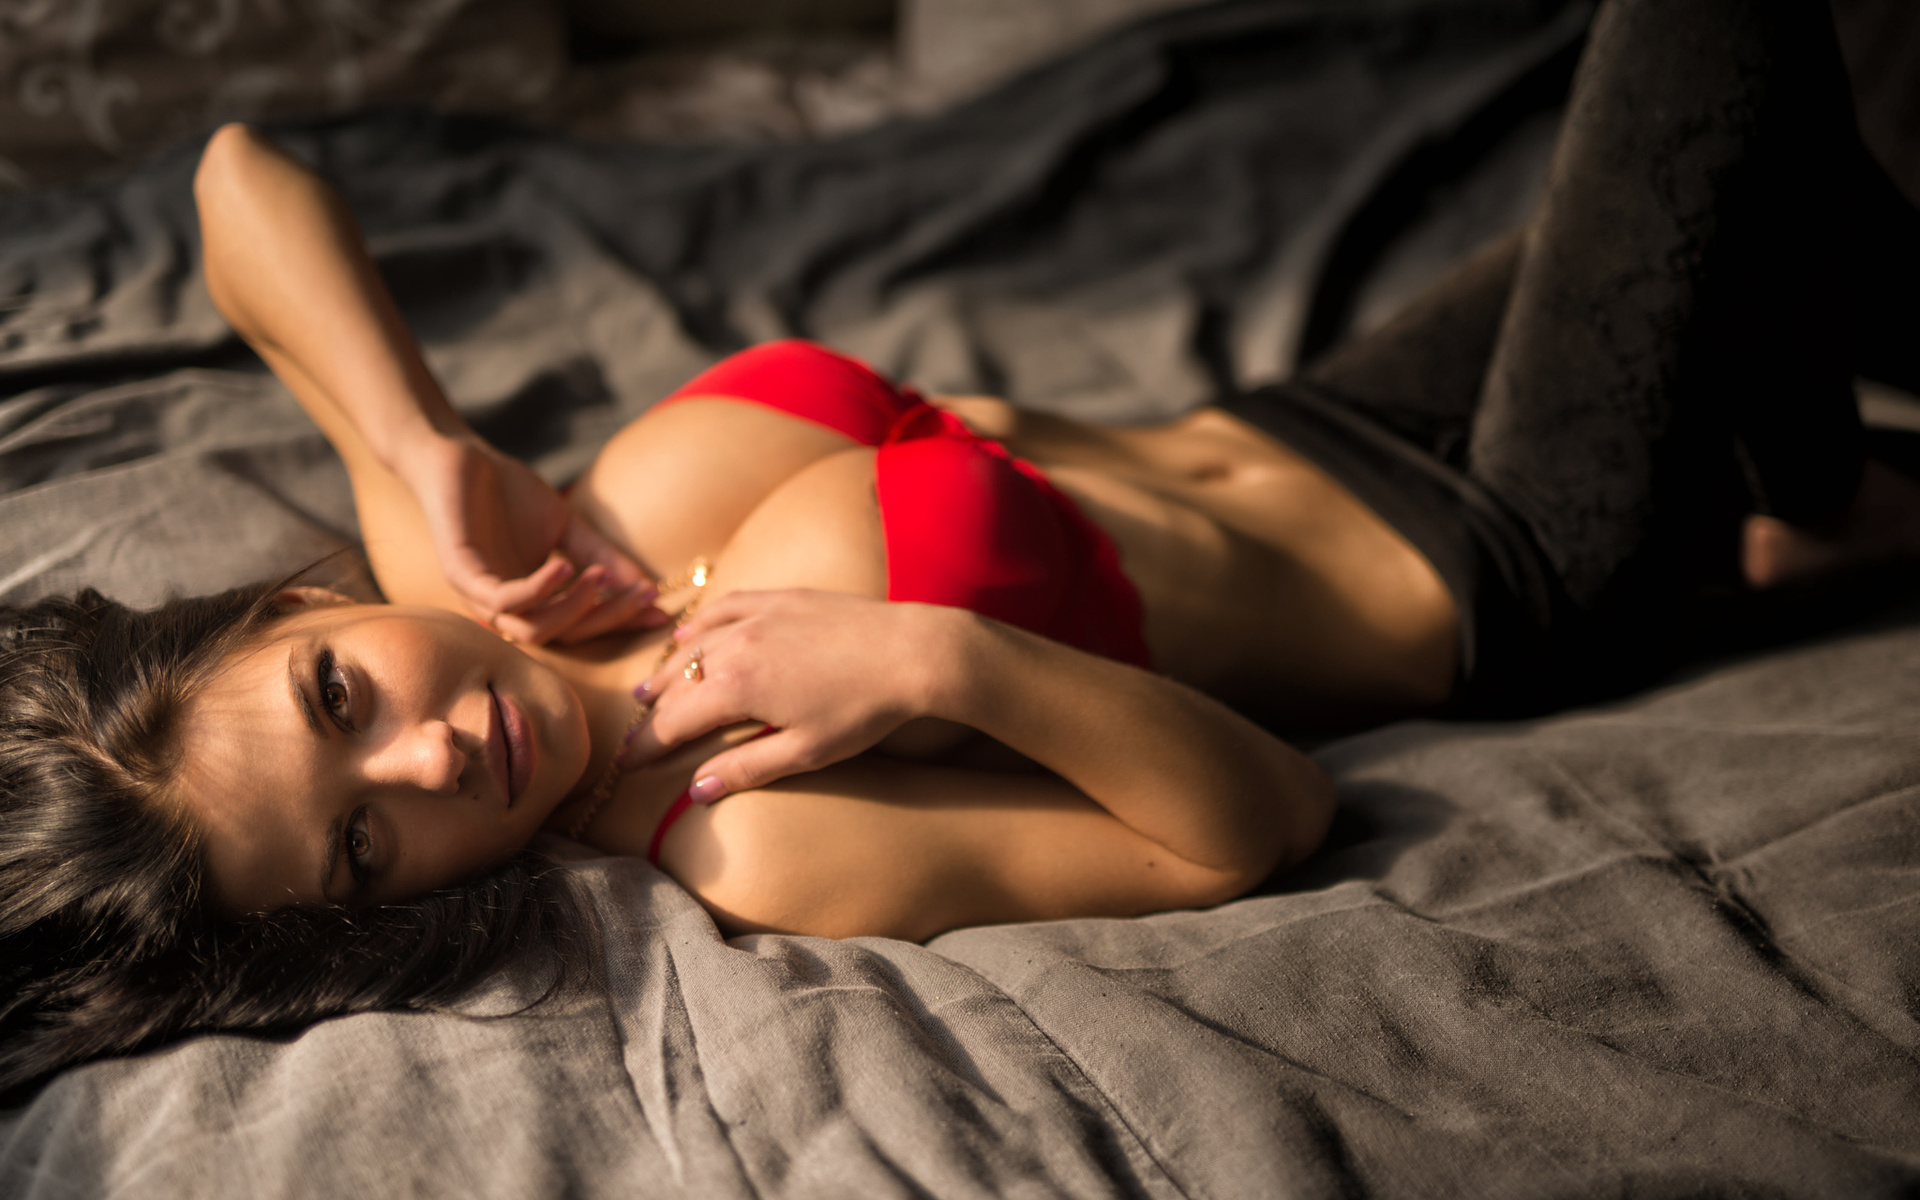 Фото с девушкой в постели, Фото красивых девушек в постели 11 фотография